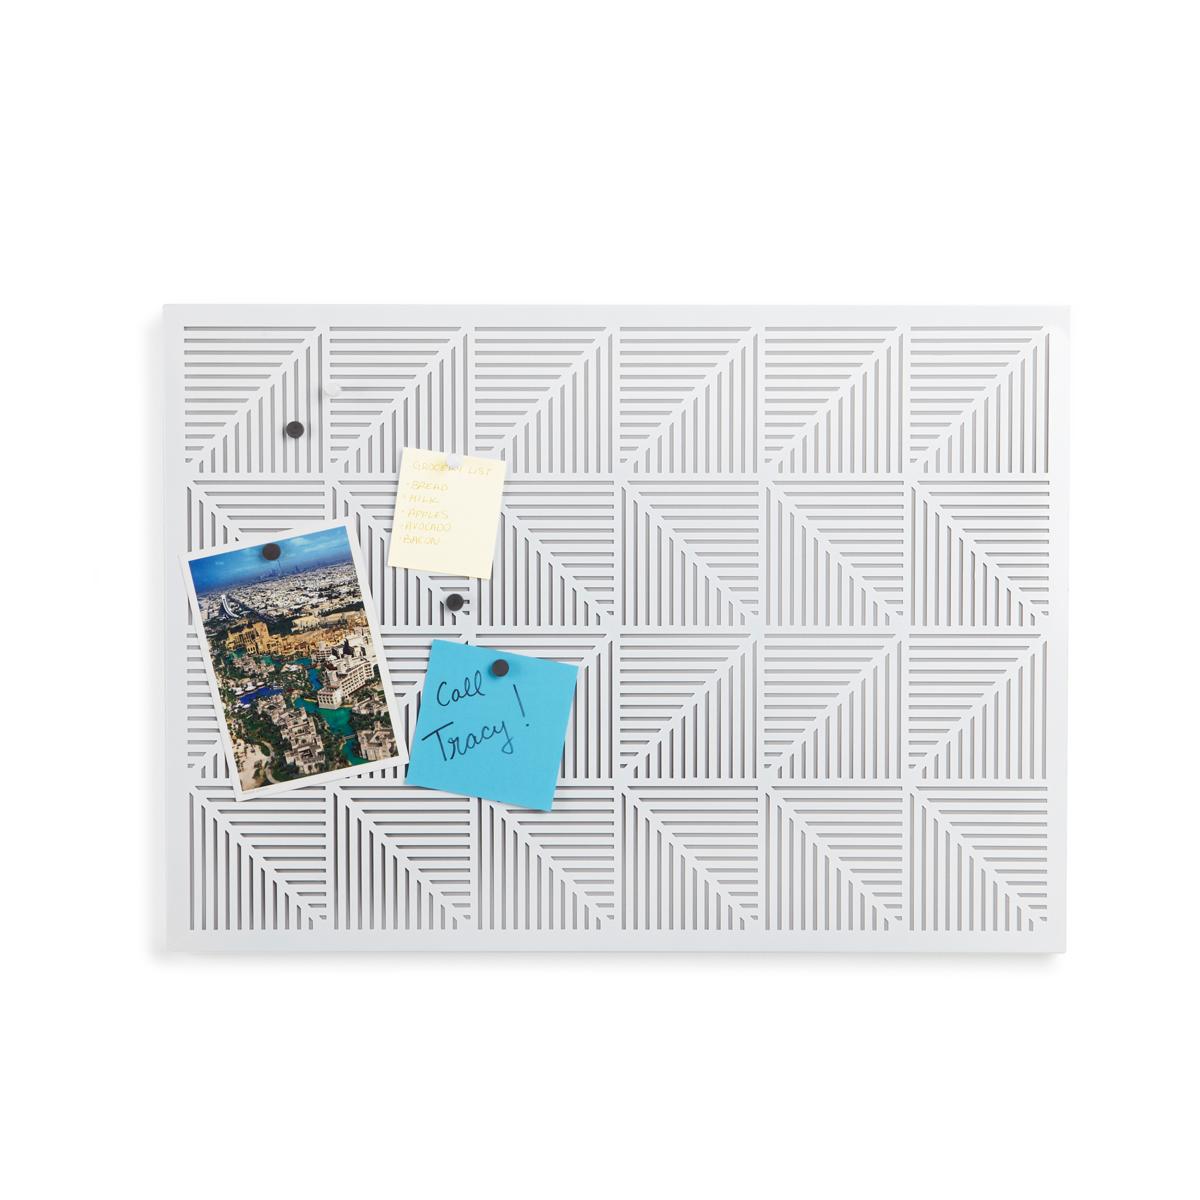 Доска магнитная Umbra Trigon, цвет: белый470790-660Строгие геометрические формы не ограничивают воображение, а наоборот, вдохновляют на творчество и создание неповторимых интерьеров. Металлические узоры на этой доске не только складываются в интересную картинку, но и удобны для использования с магнитами и кнопками. Повесьте ее горизонтально или вертикально и крепите фотографии, записки, рисунки и напоминалки. В наборе 12 кнопок и 12 магнитов. Отличный декор для офиса и кабинета.